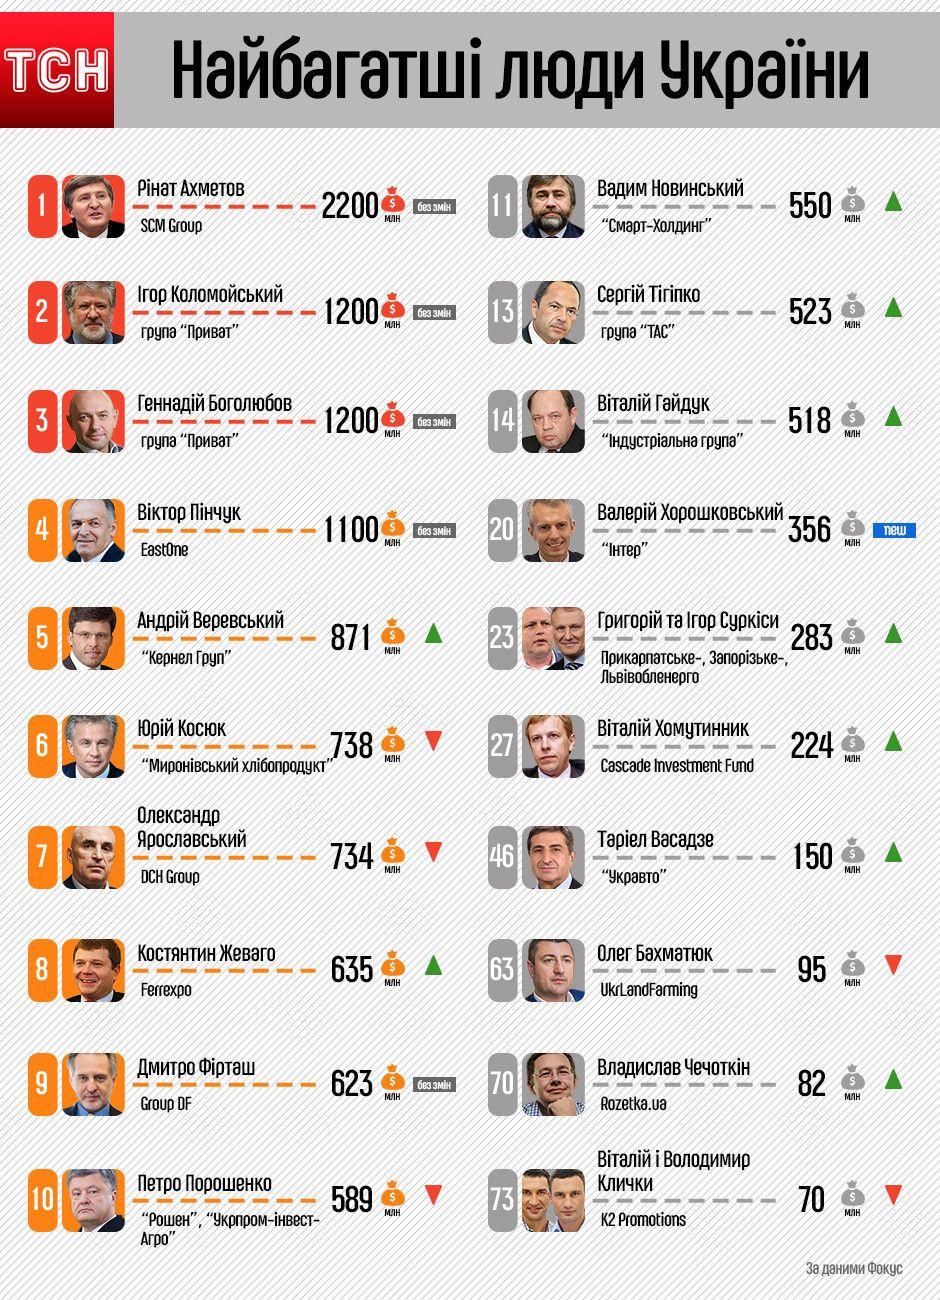 рейтинг Фокус 100 найбагатших людей України. Інфографіка